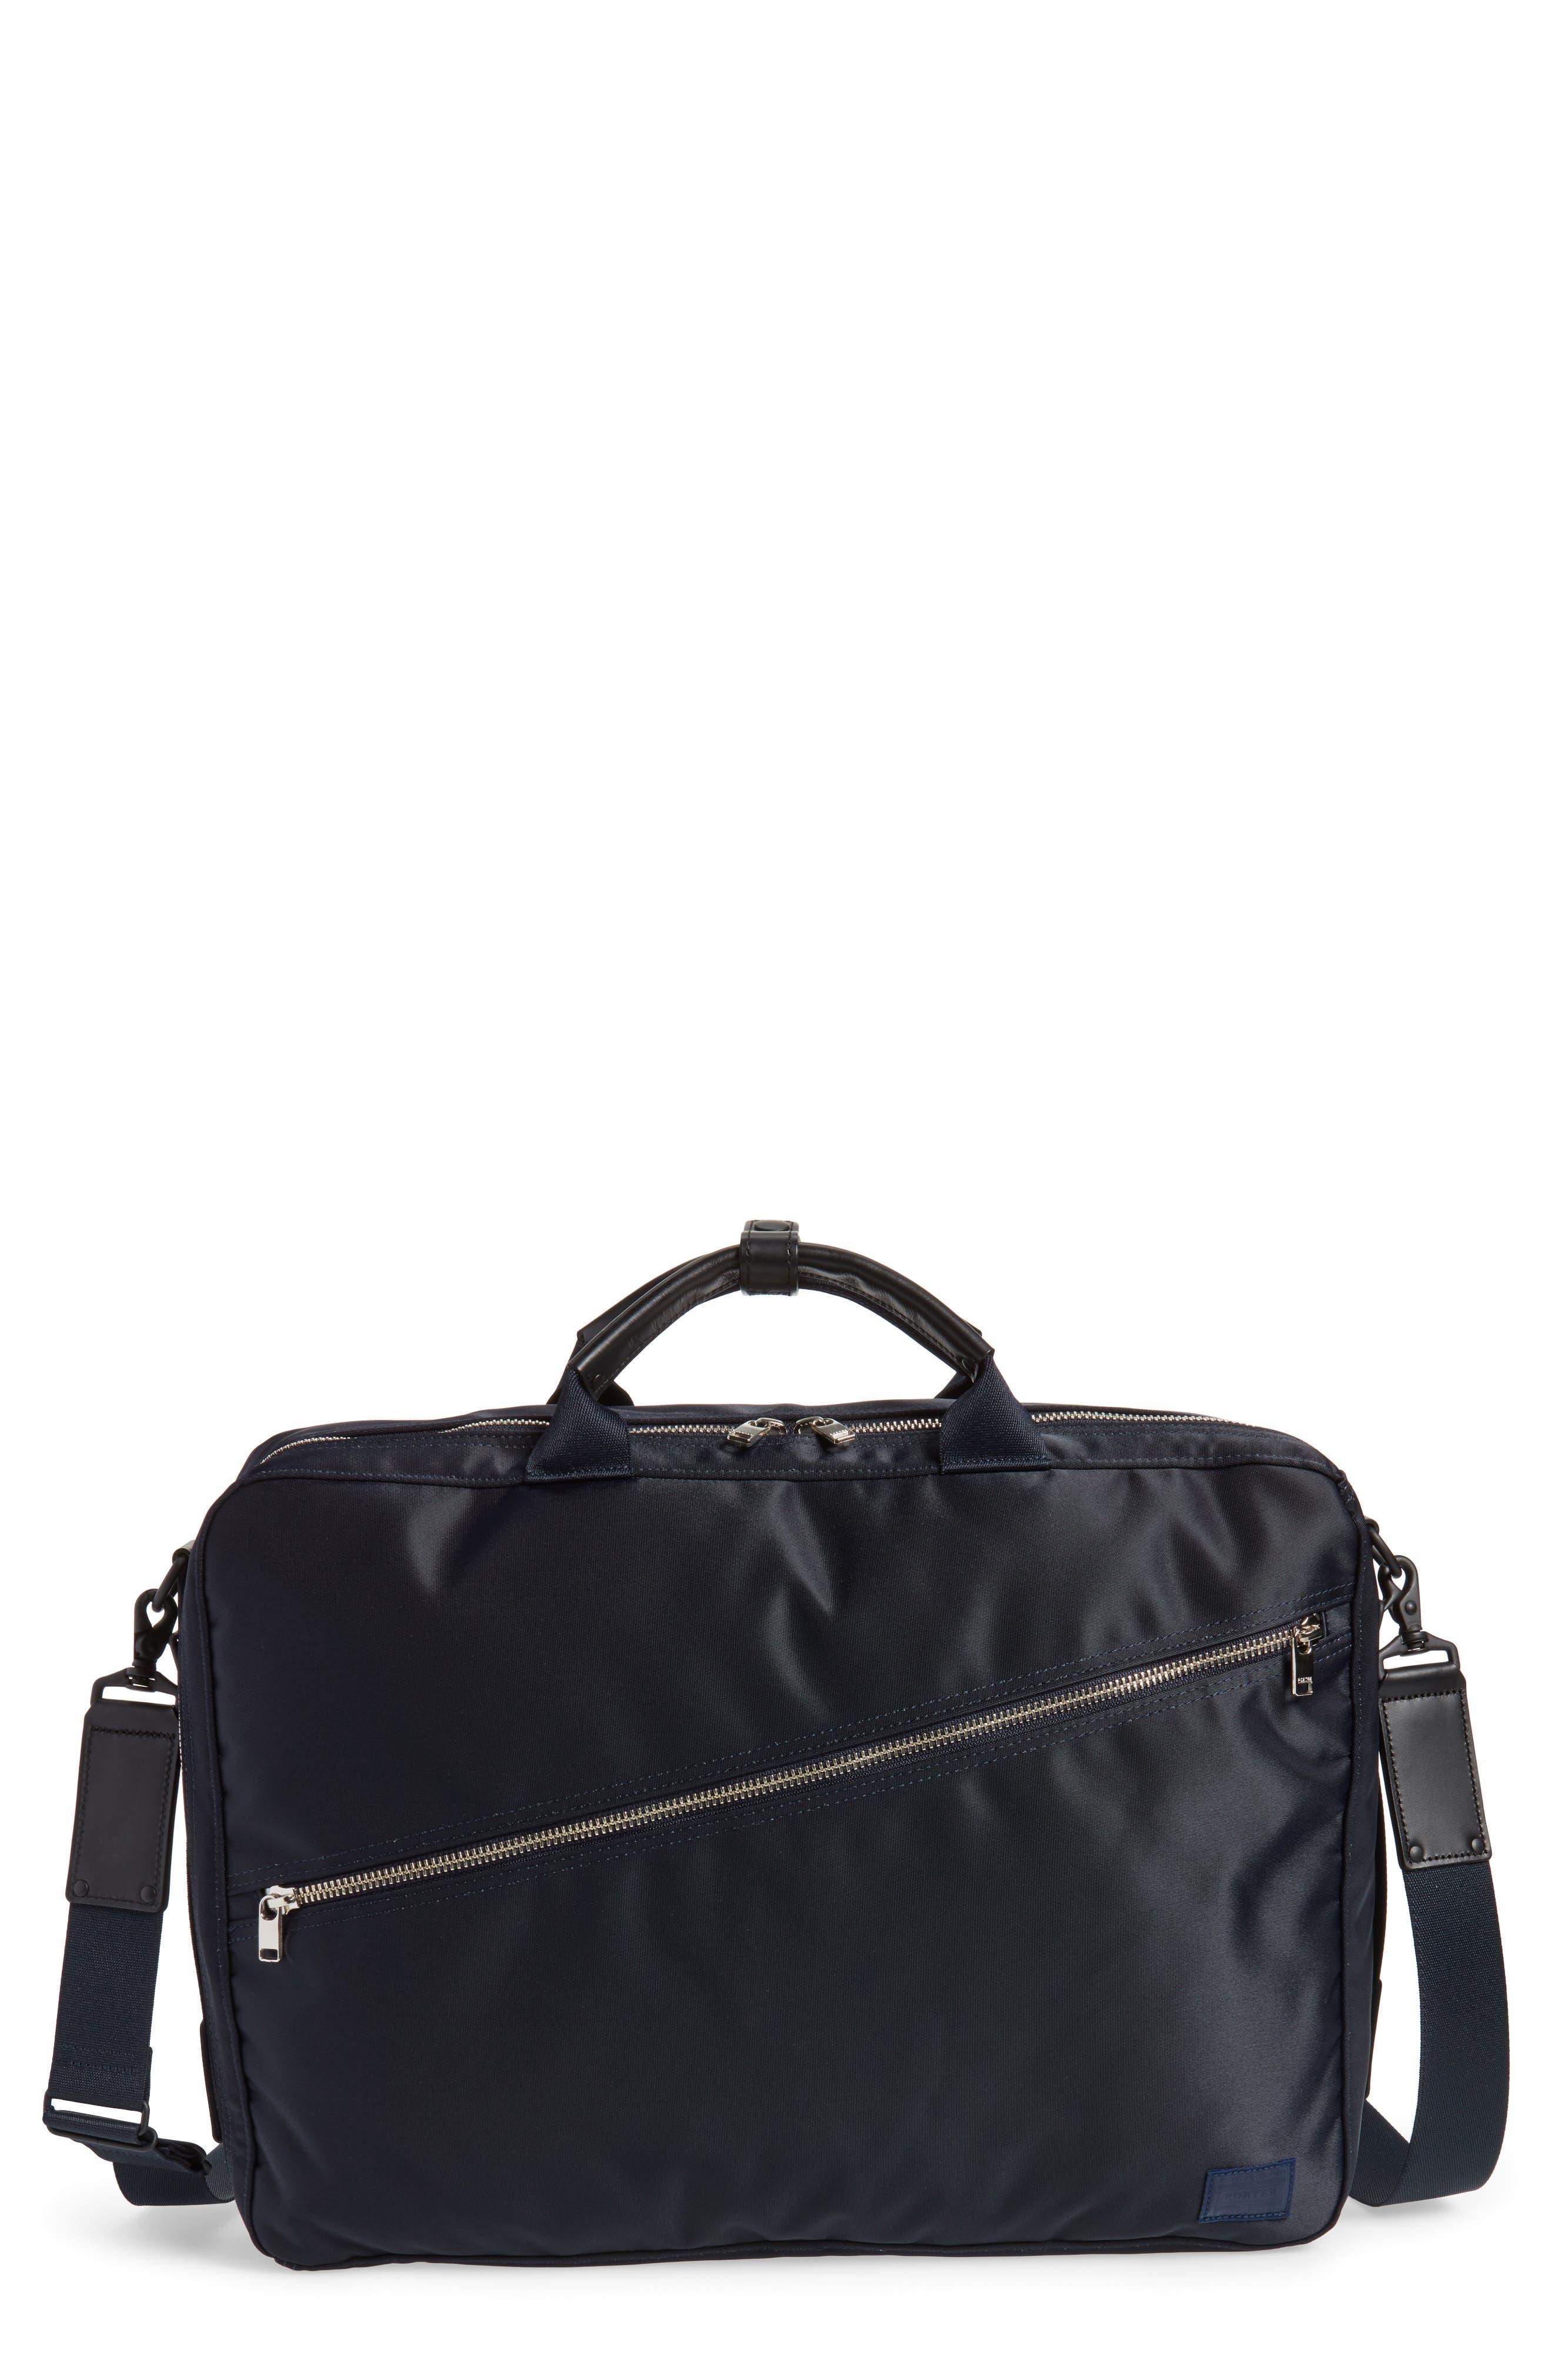 Porter-Yoshida & Co. Lift Convertible Briefcase,                             Main thumbnail 1, color,                             400